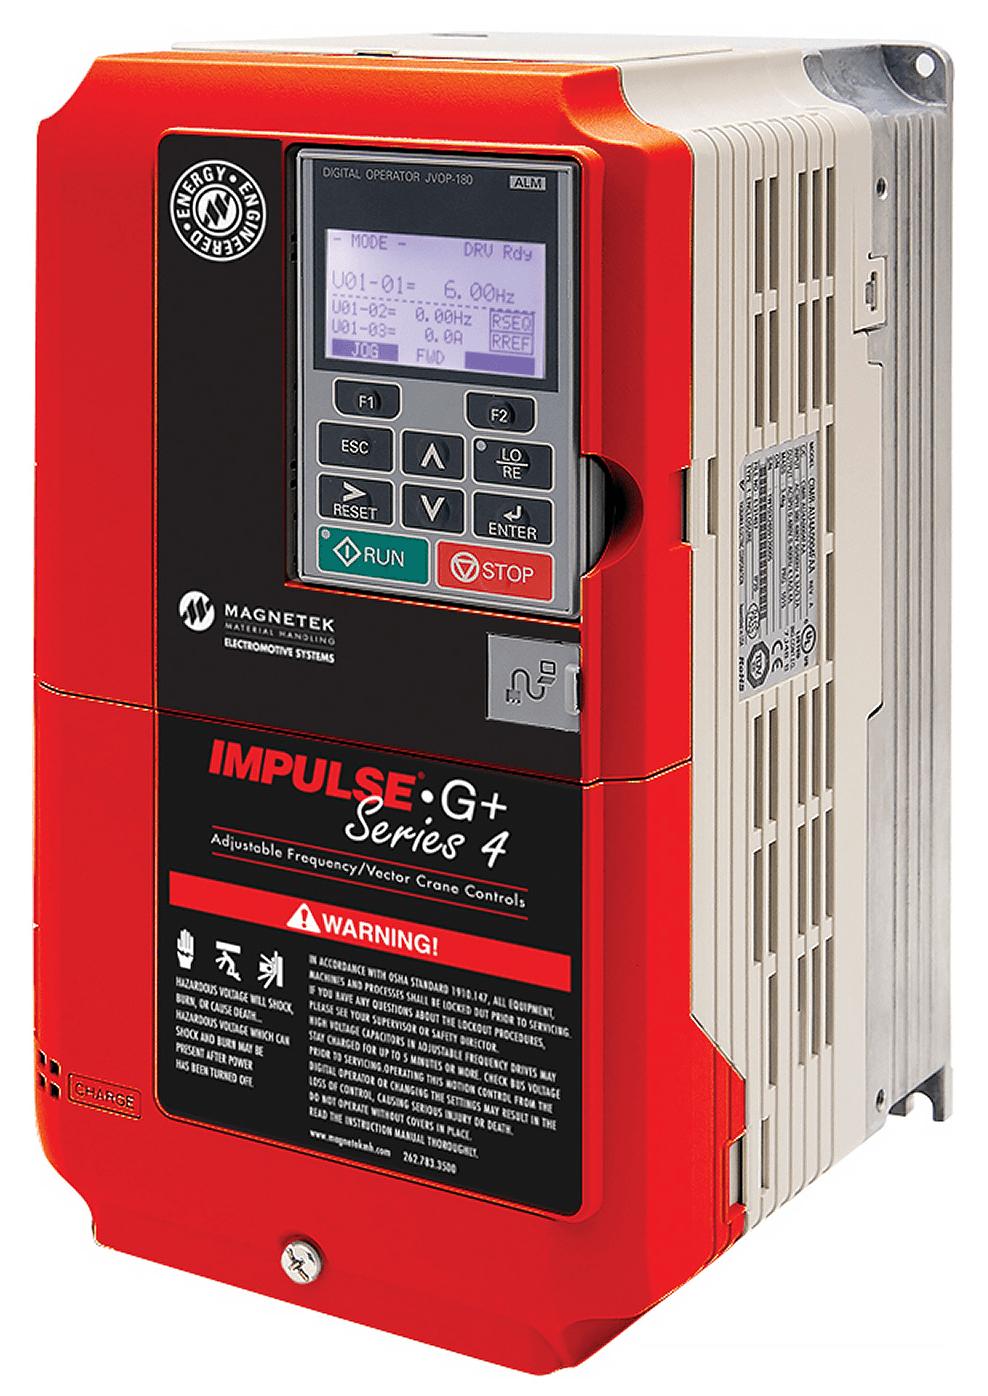 Magnetek G+ Series 4, 4045-G+S4 on